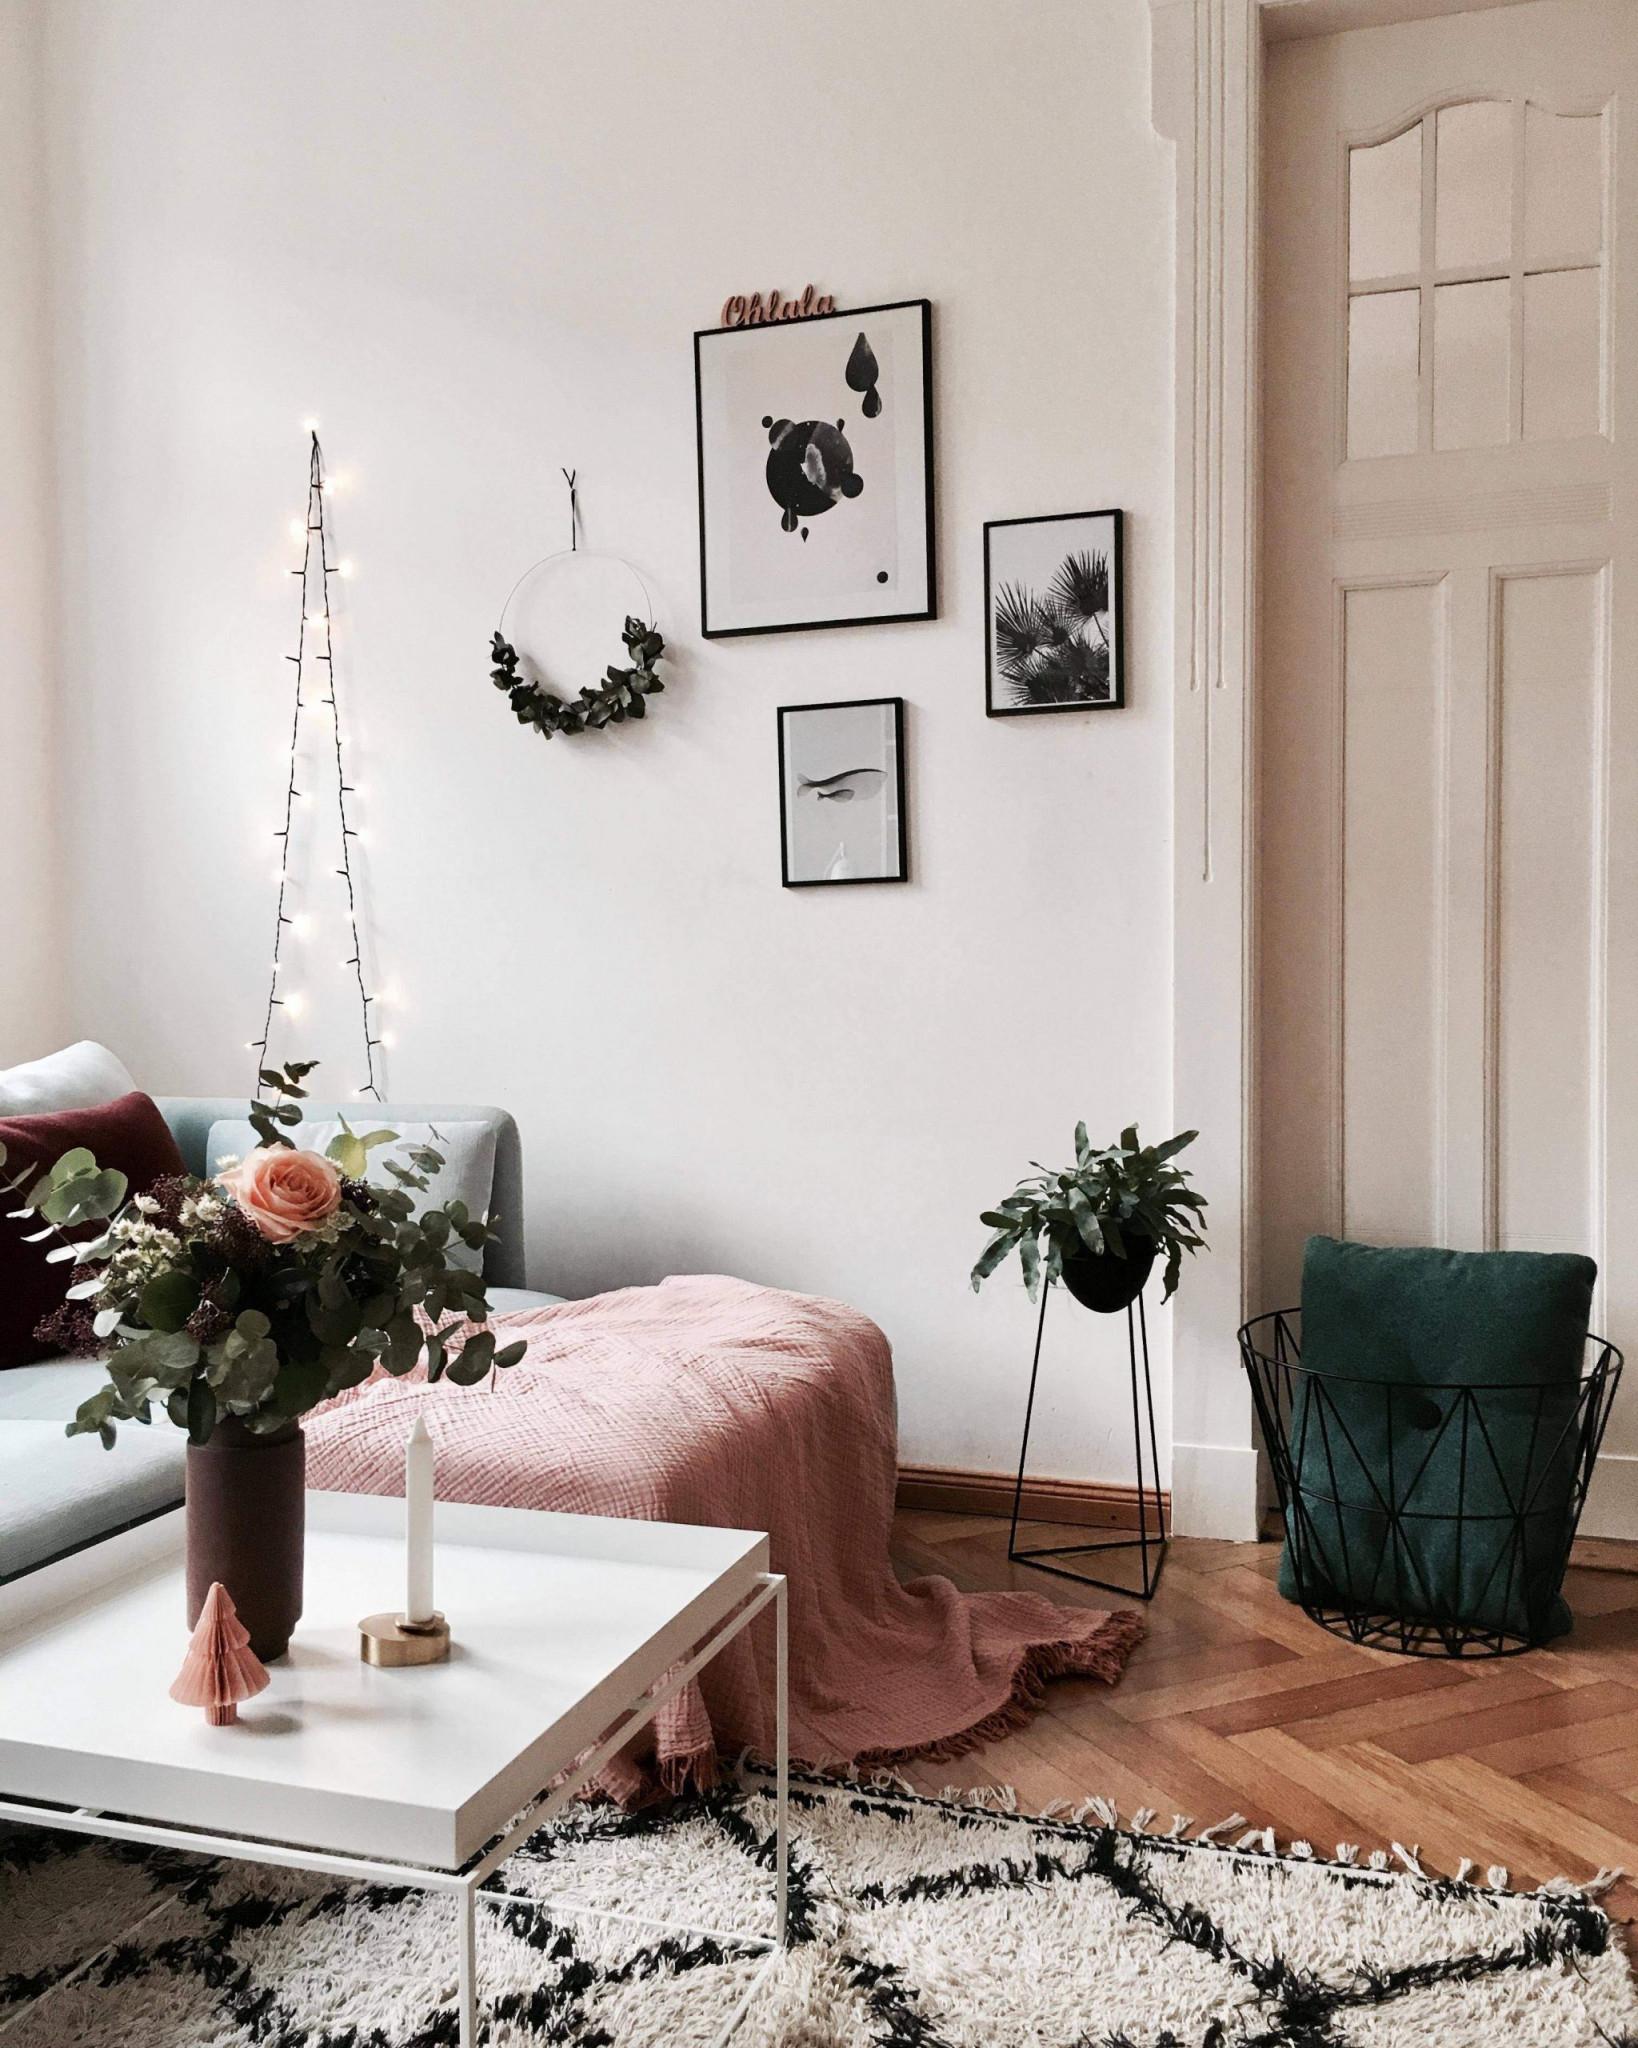 Lichterkette Wohnzimmer Frisch Frisch Gemütliche Wohnzimmer von Gemütliche Wohnzimmer Lampe Photo